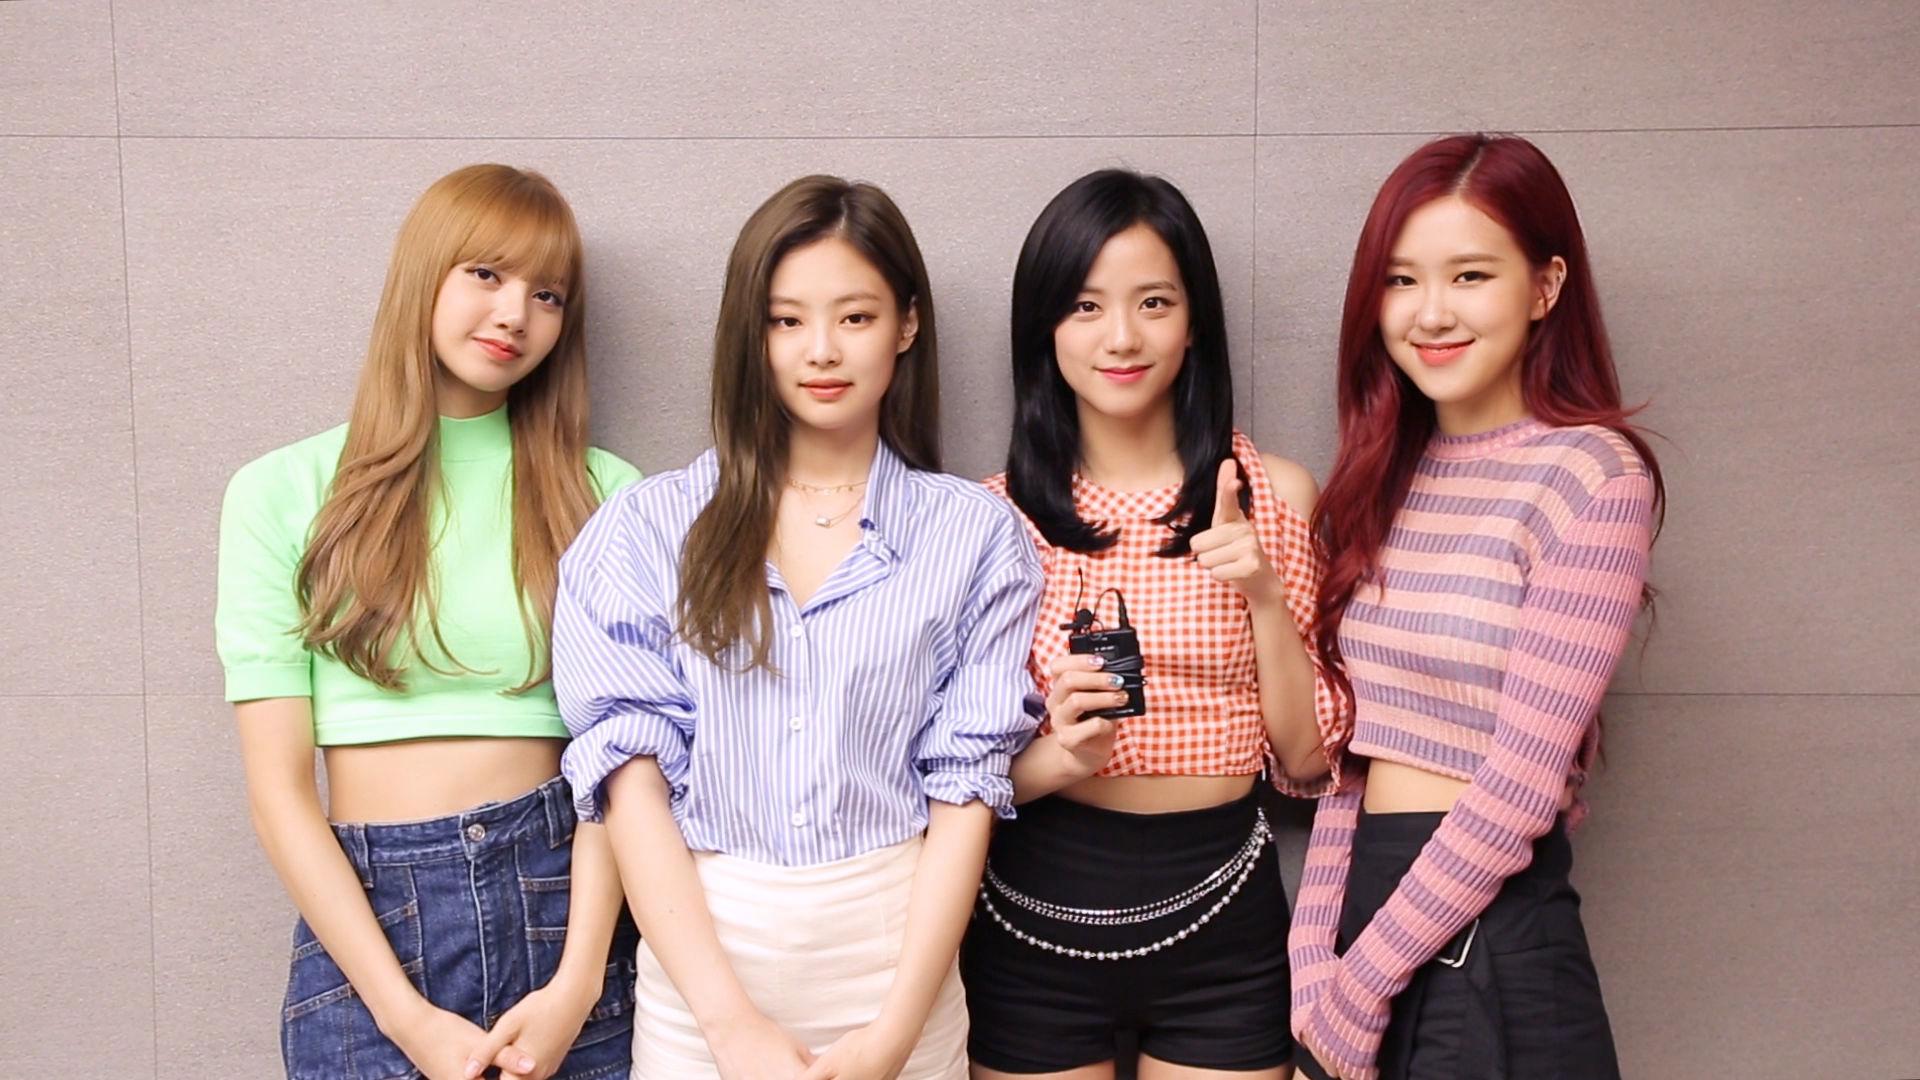 Adu gaya 4 member Blackpink di luar panggung, siapa idolamu?